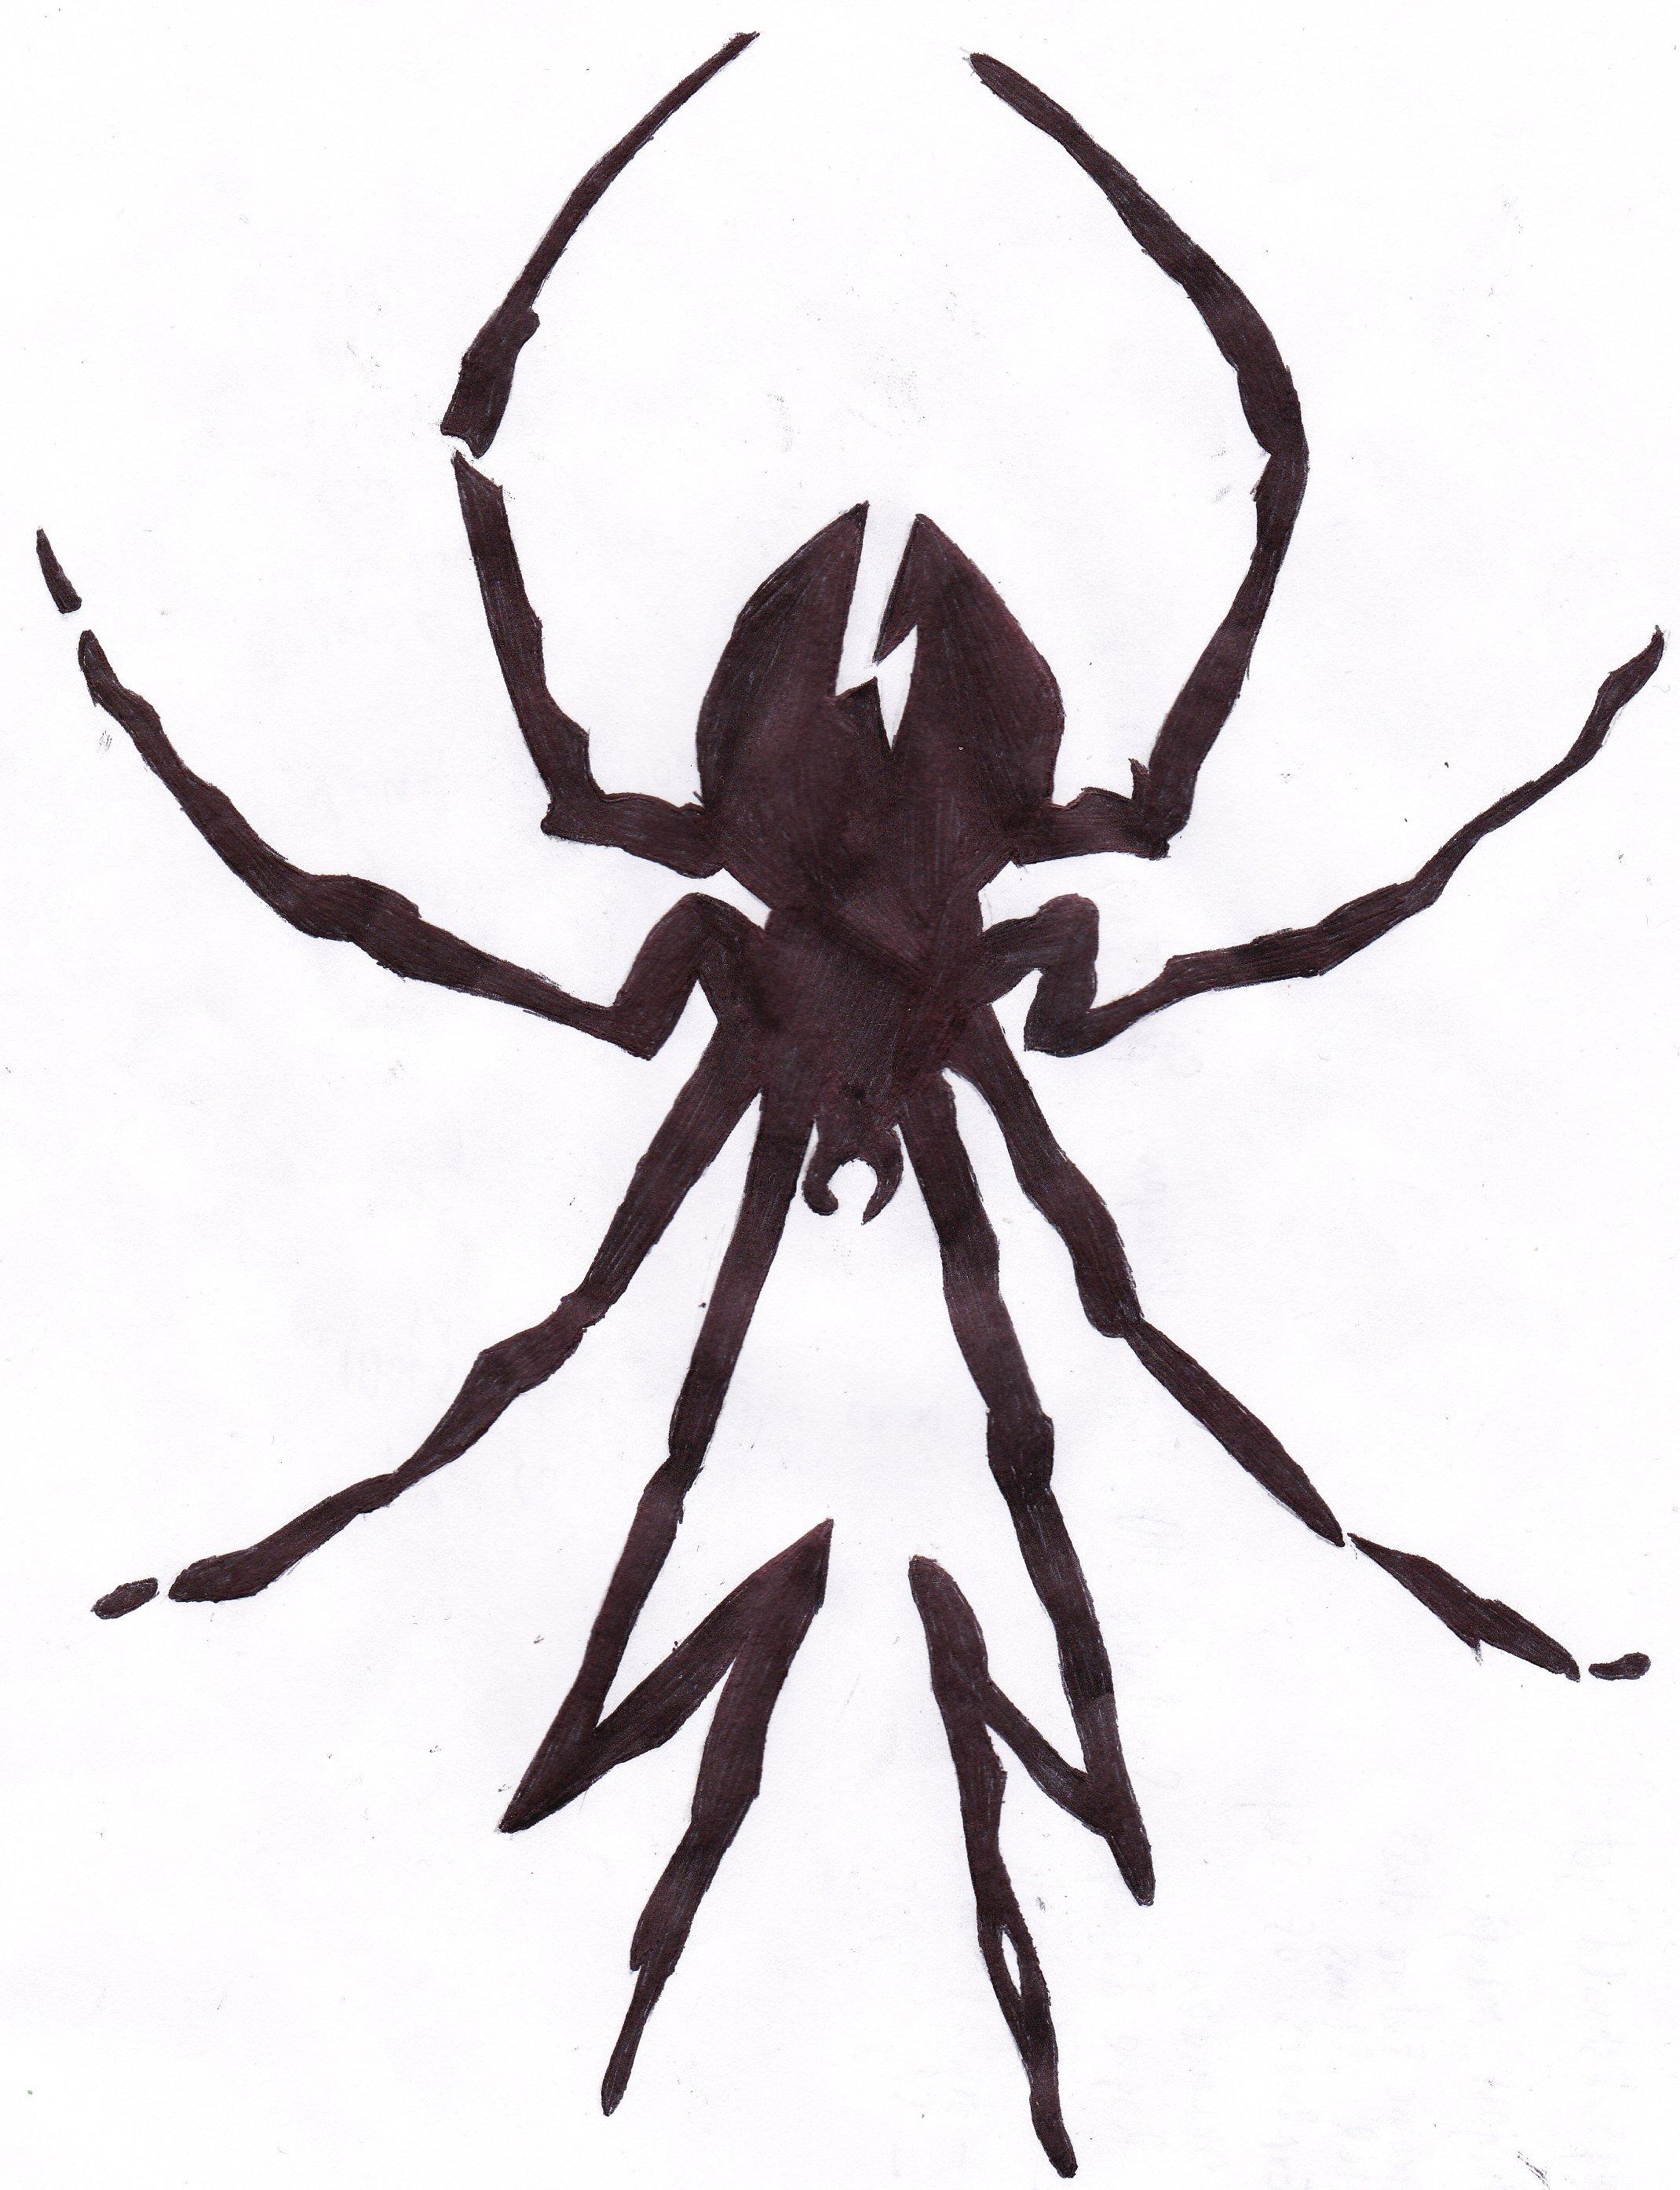 Killjoys spider